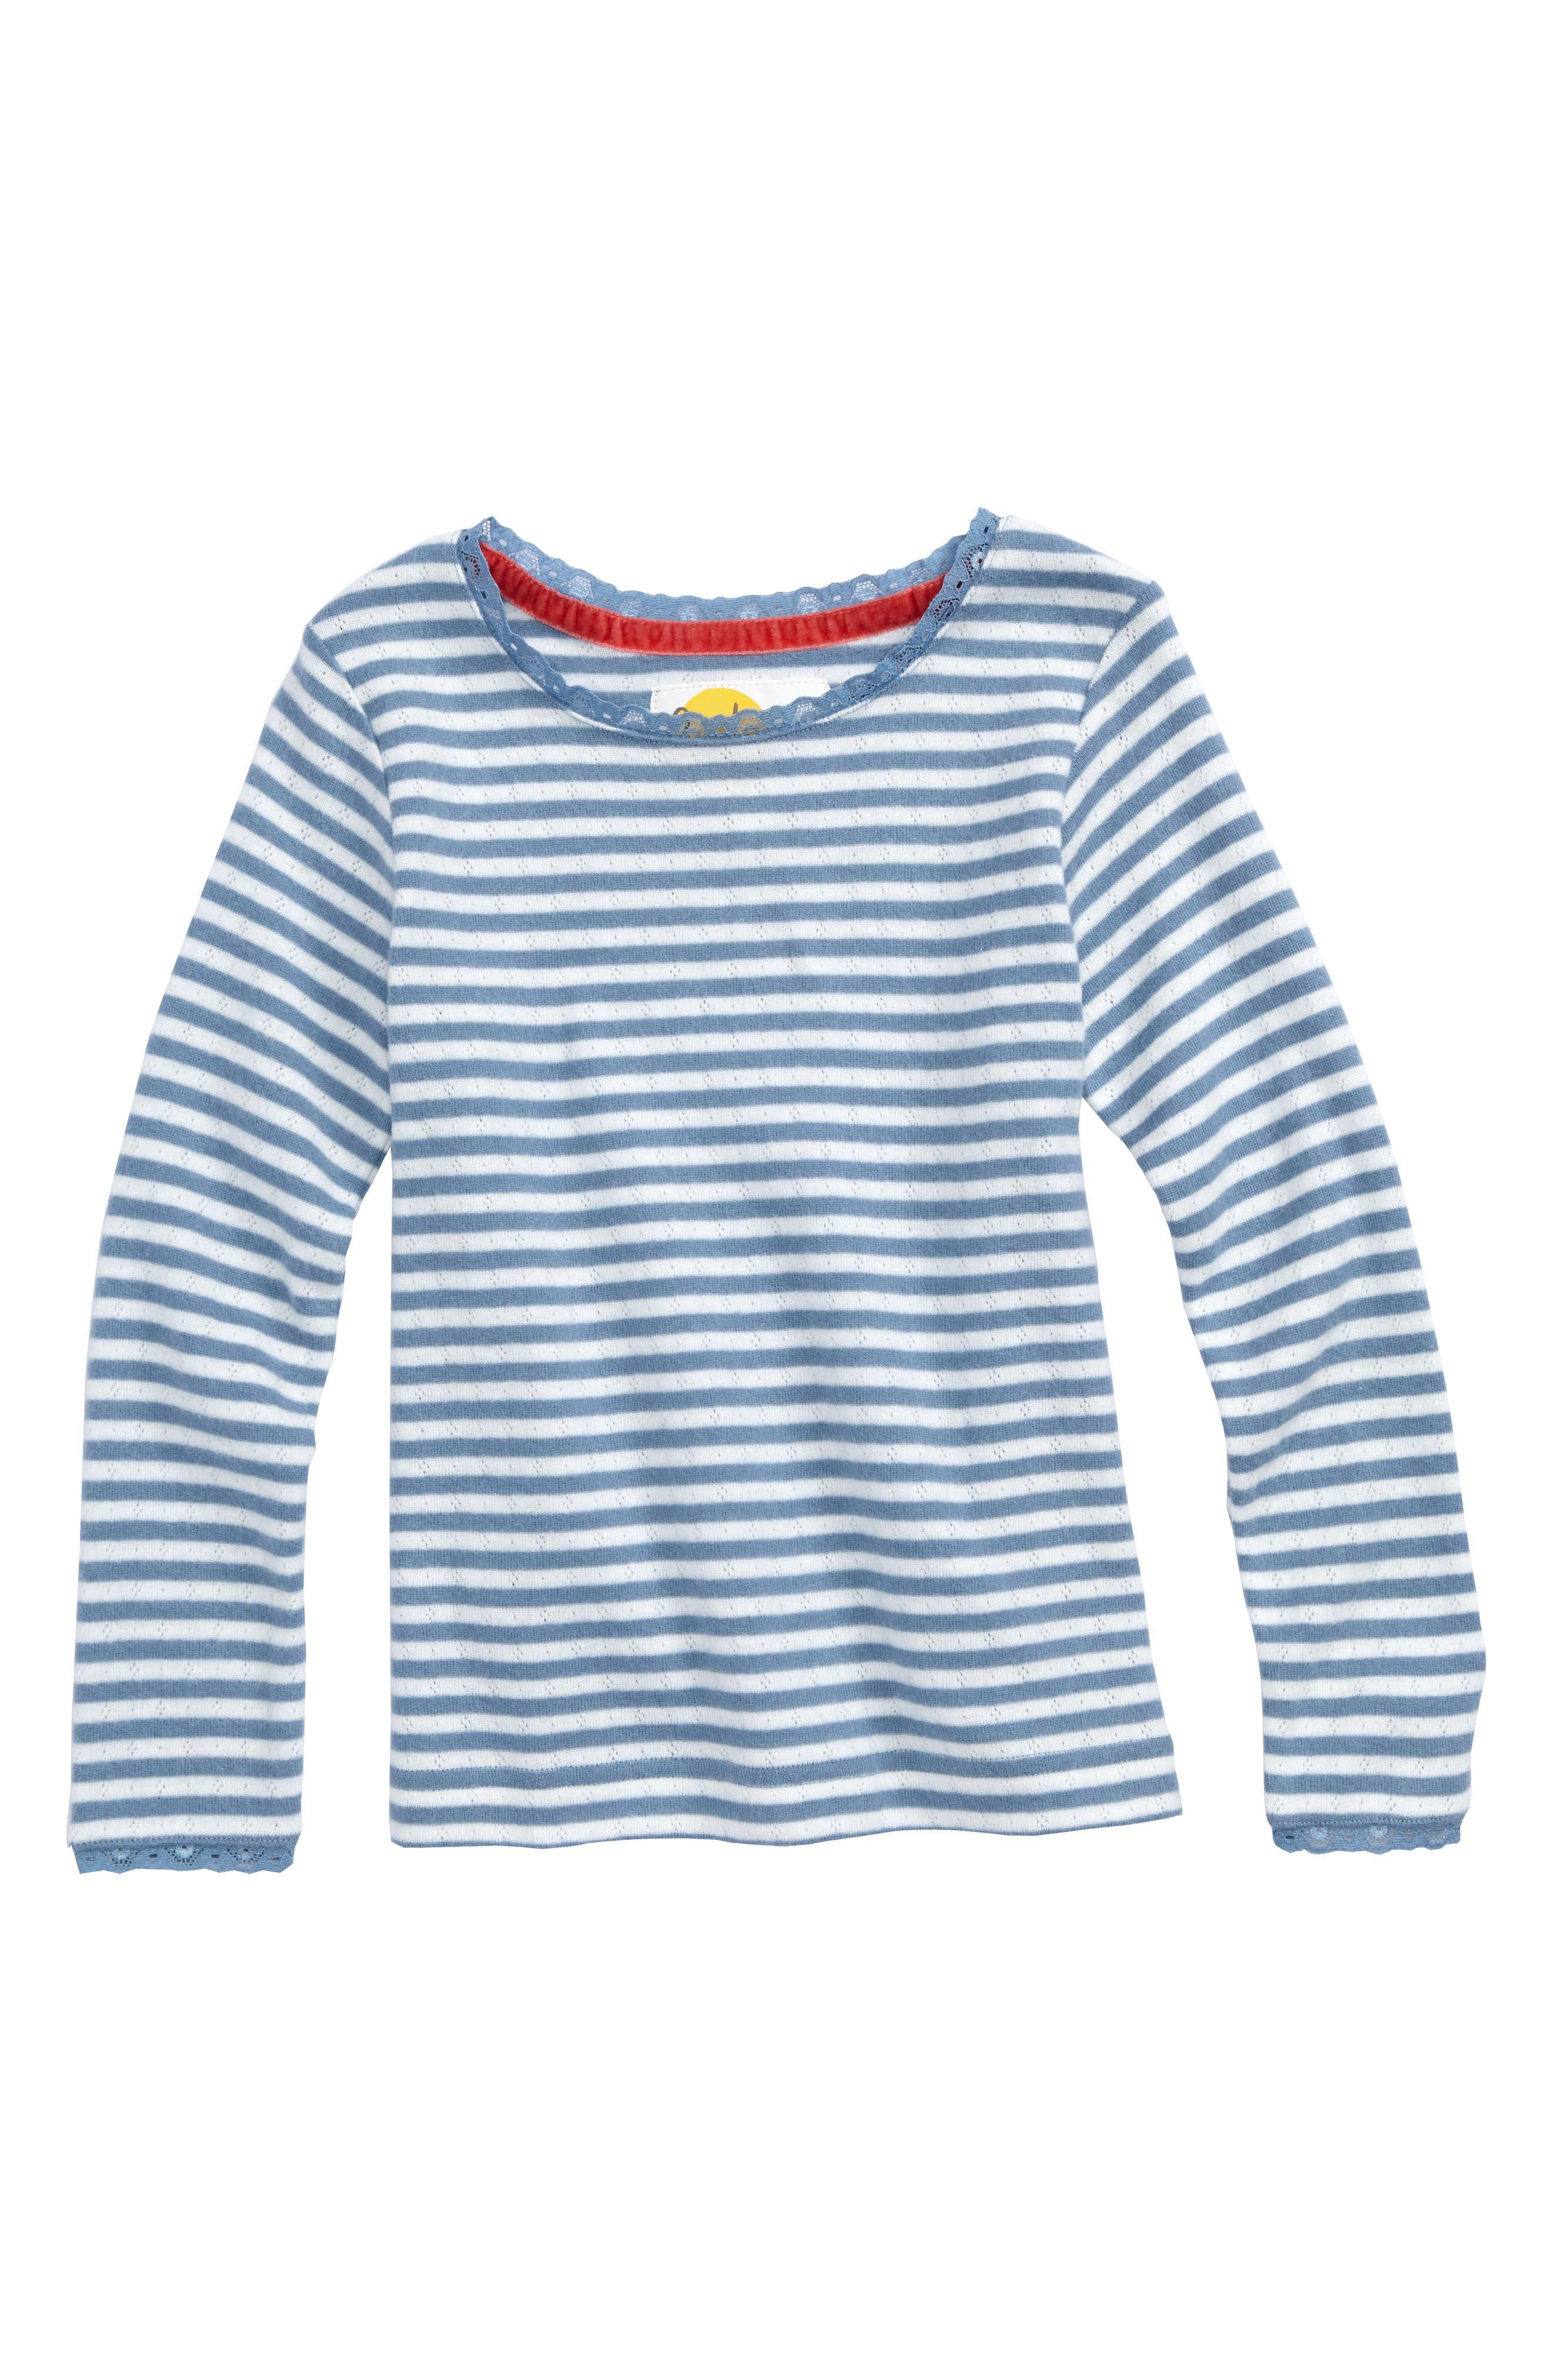 Alternate Image 1 Selected - Mini Boden Soft Stripe Pointelle Tee (Toddler Girls, Little Girls & Big Girls)